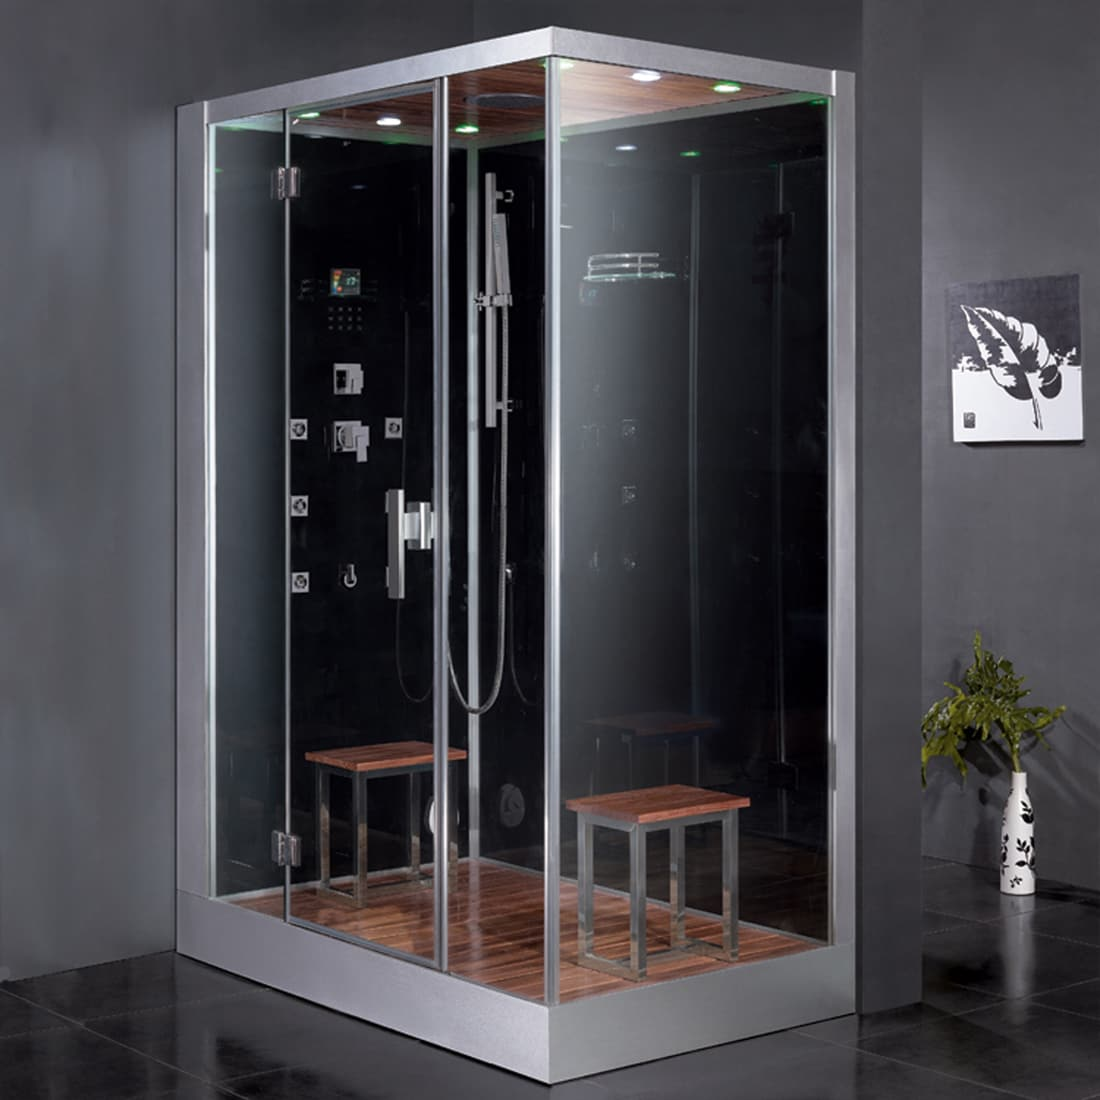 Ariel Platinum Glass Steam Shower (Black)